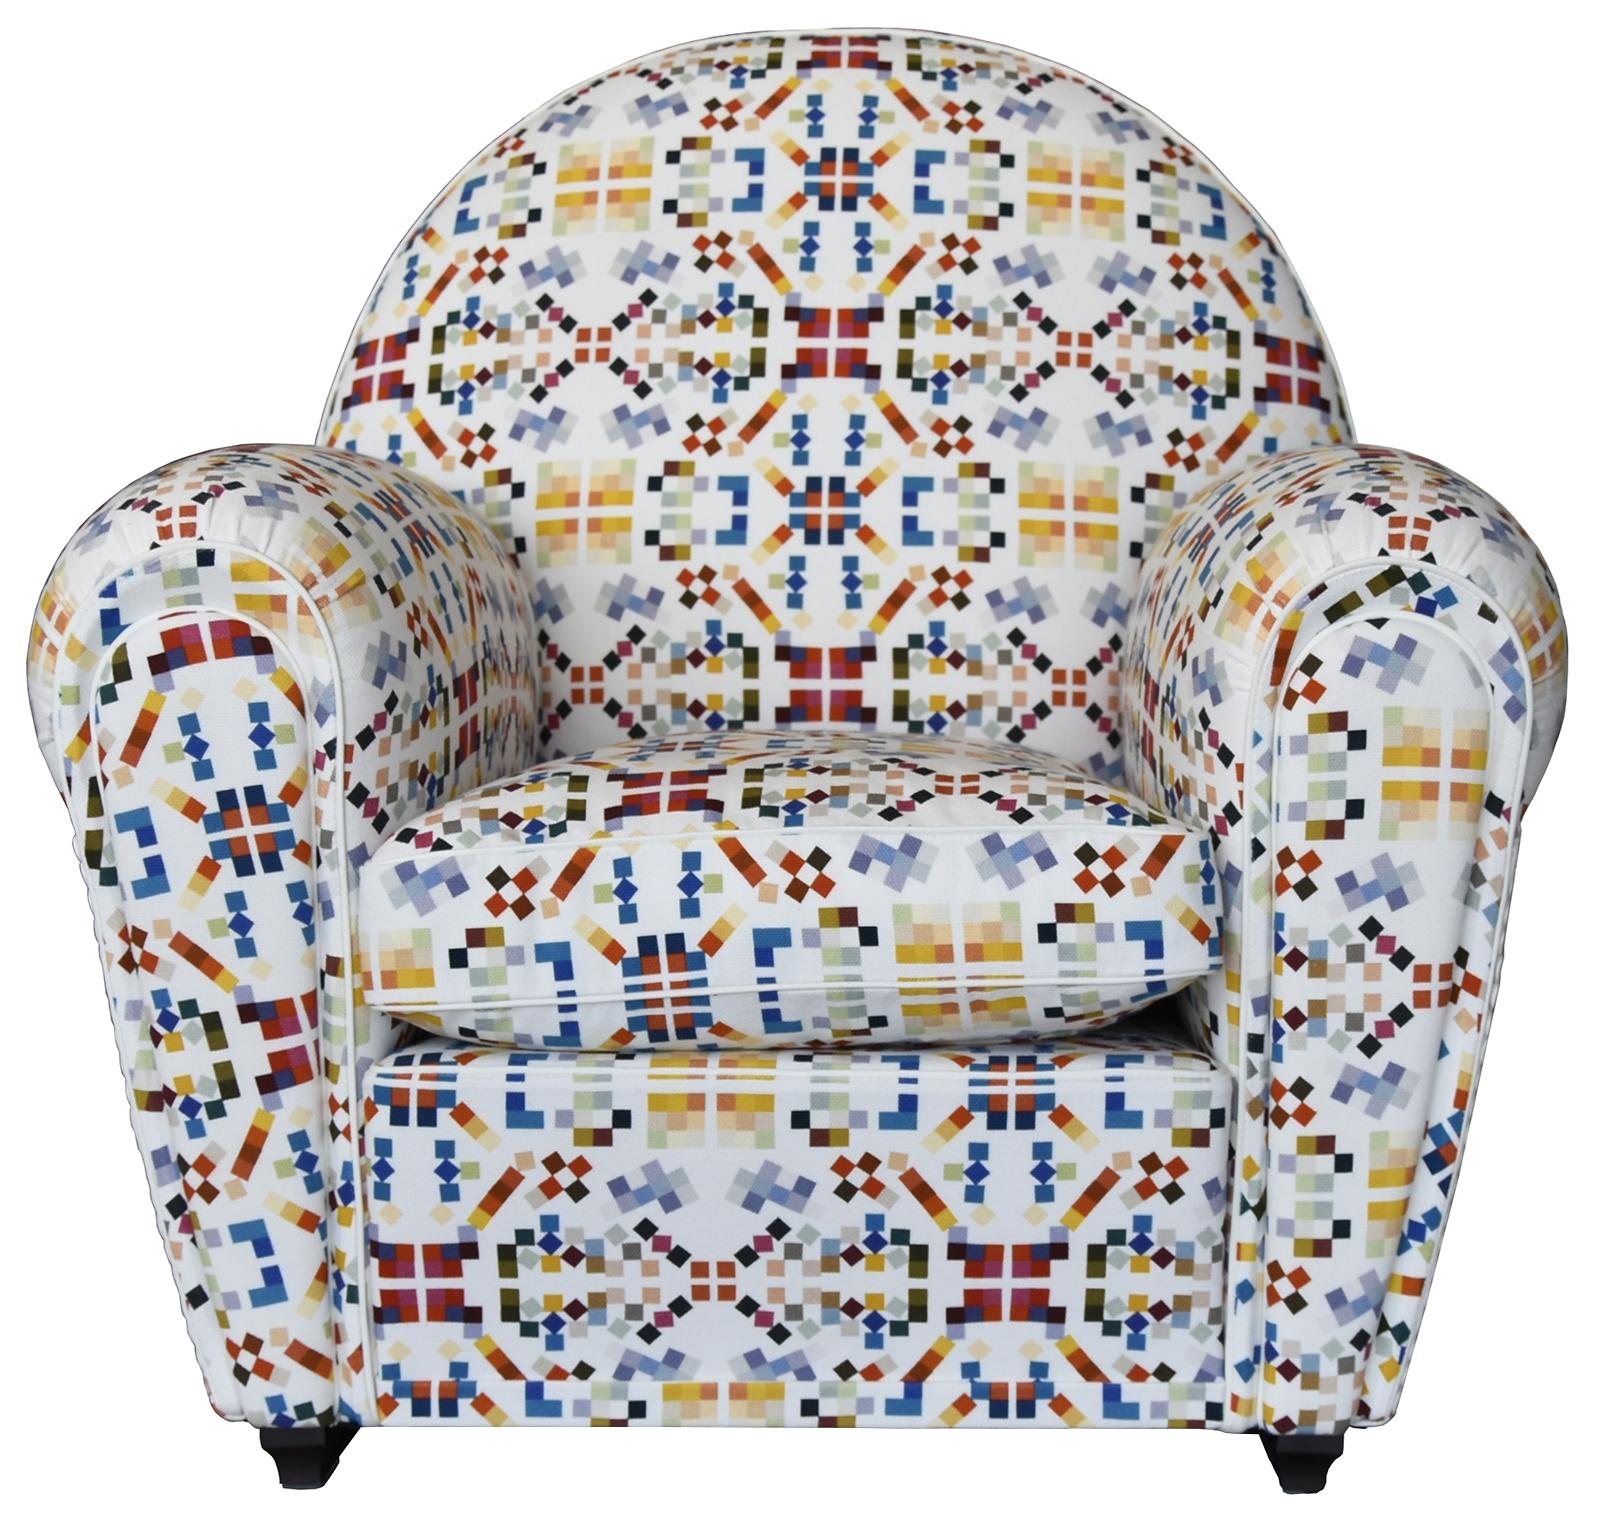 Poltrona Frau Para La Venta Online Milia Shop # Muebles Boisserie